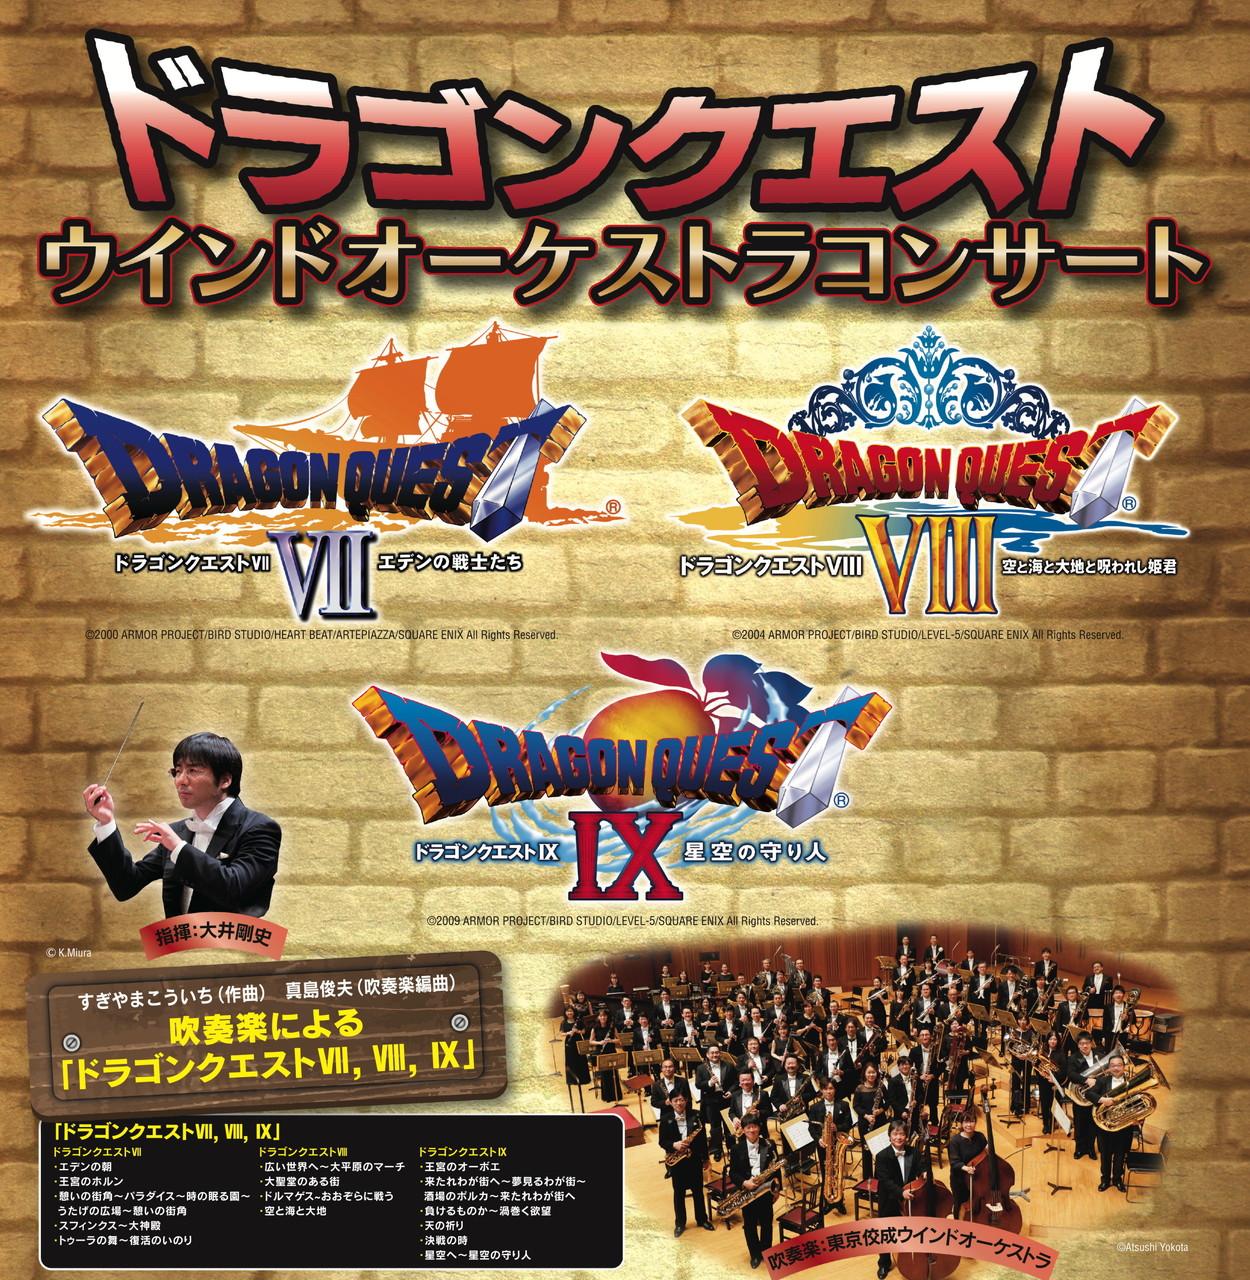 「ドラゴンクエスト」ウインドオーケストラコンサート